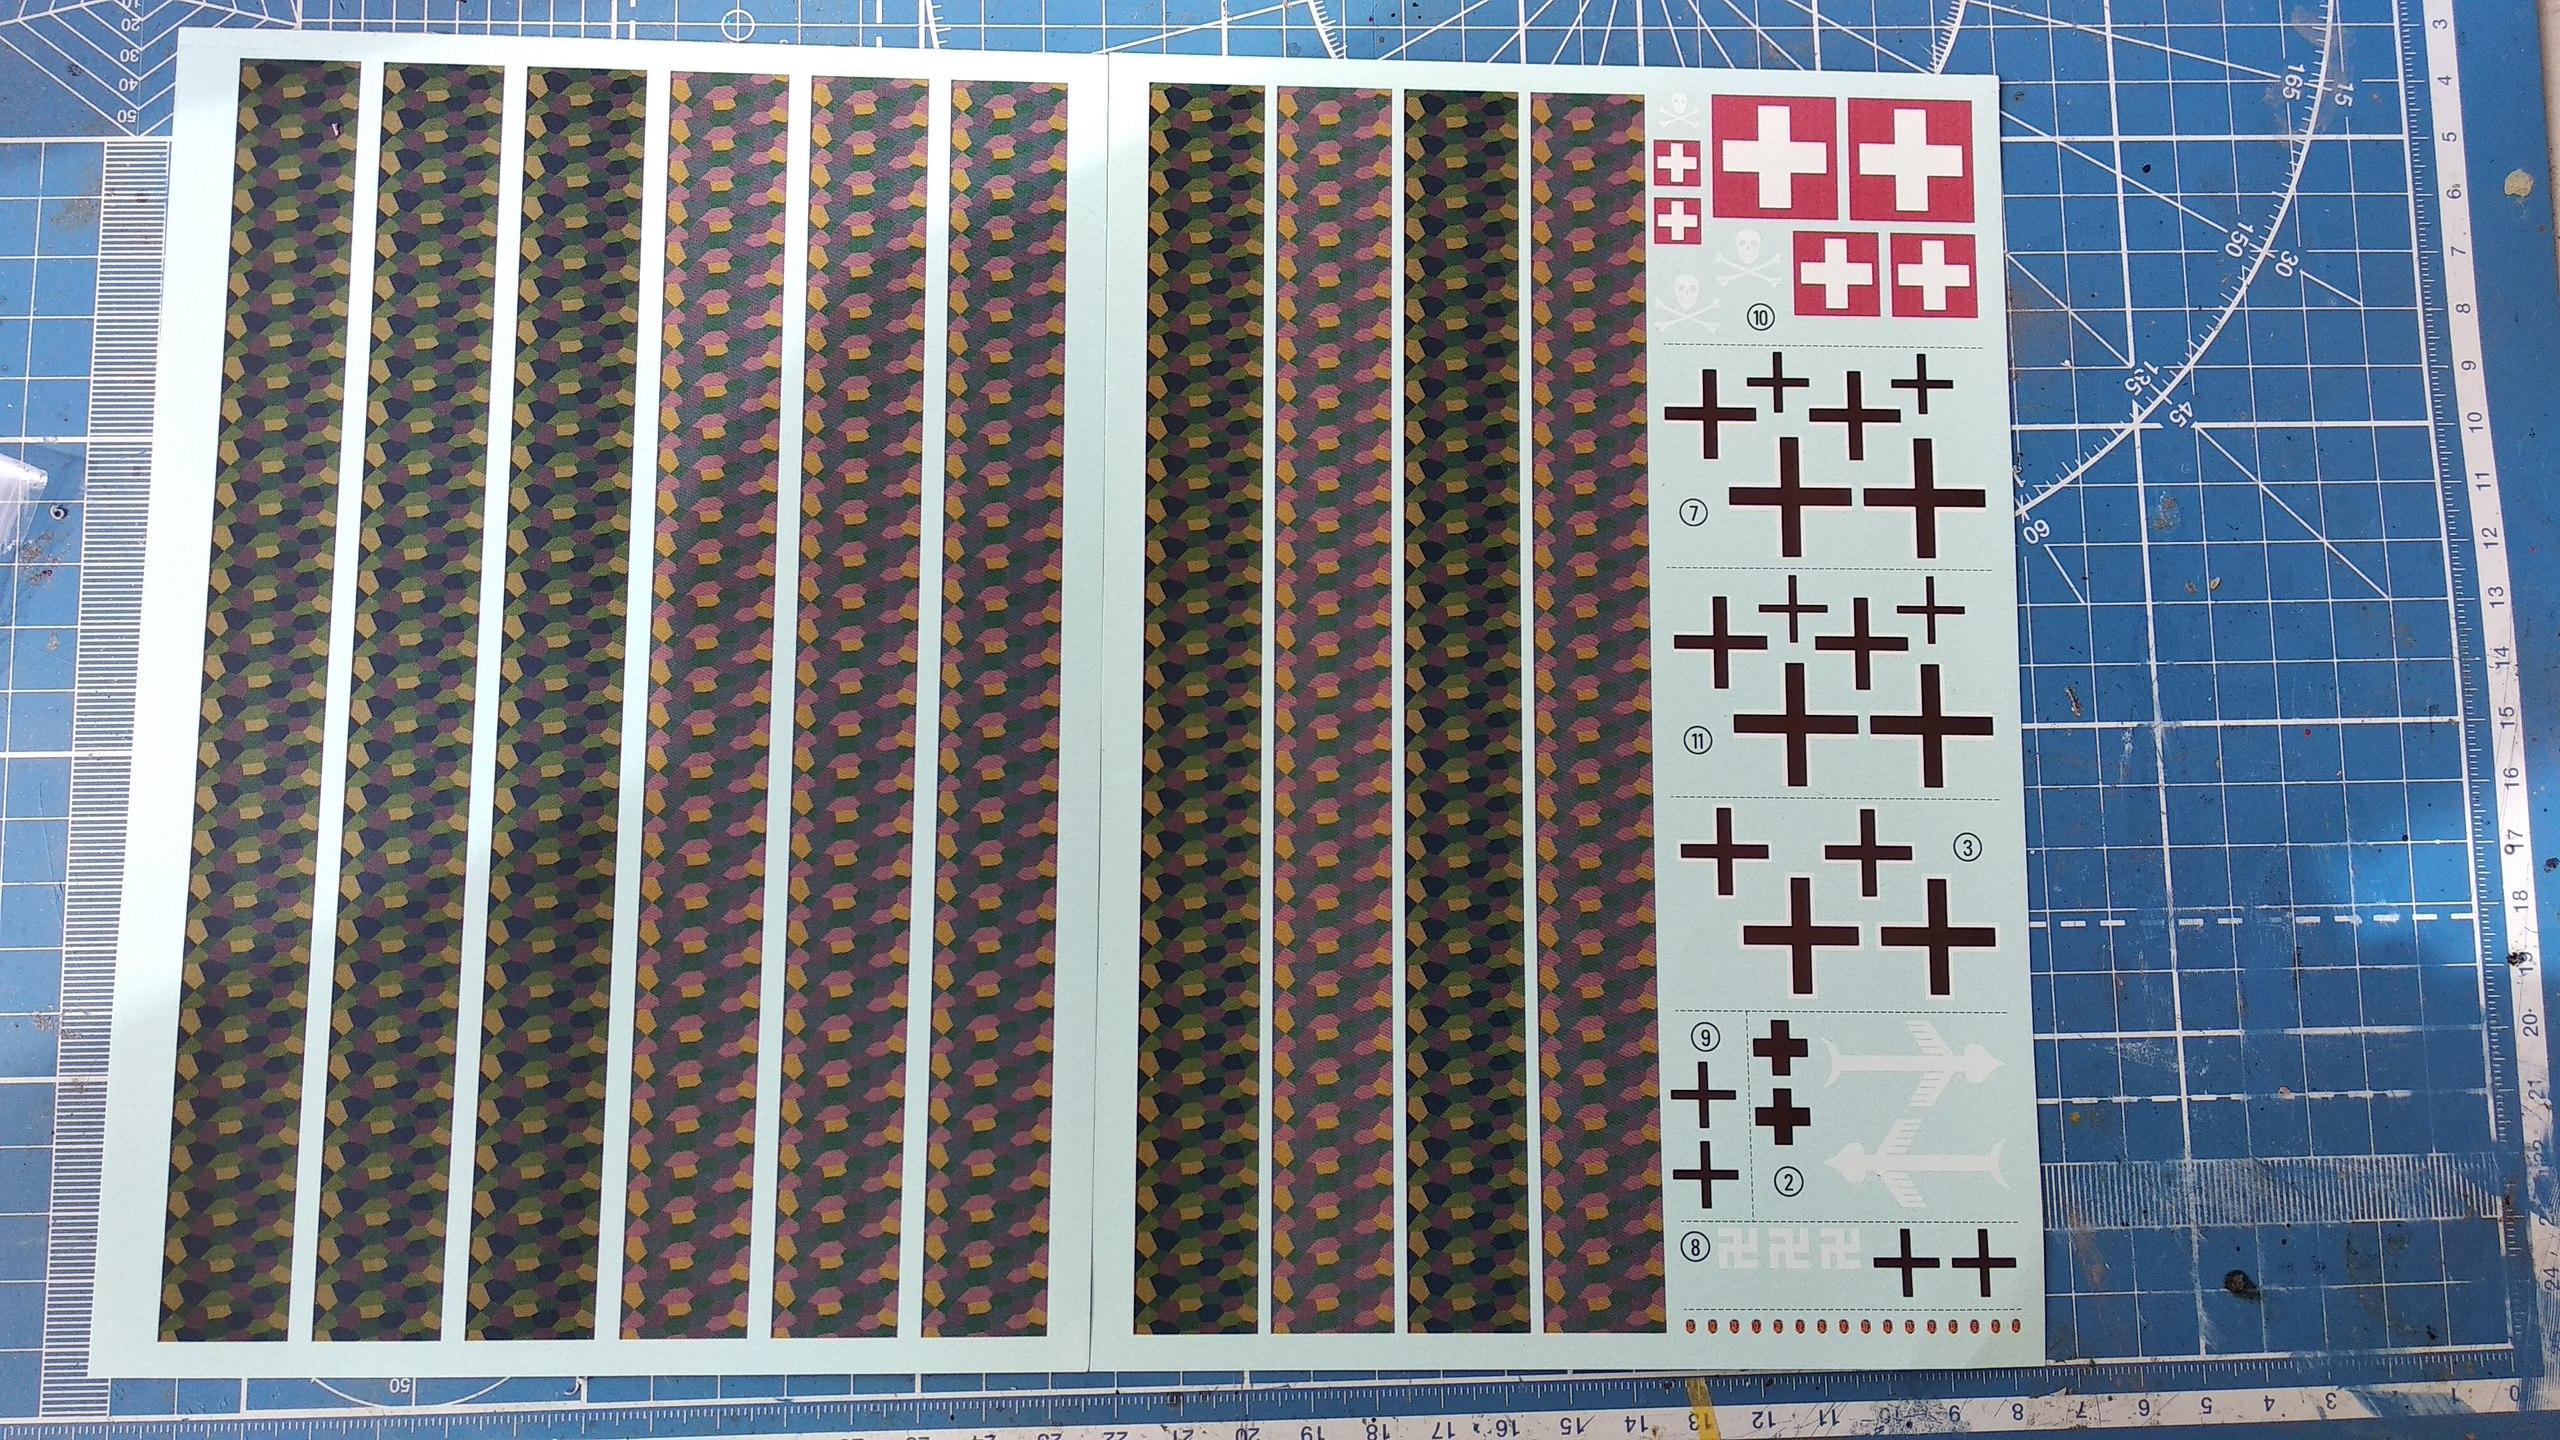 Siemens-Schuckert D.III D.IV 1/72 (ВЭ)  OwSCK-igD3w